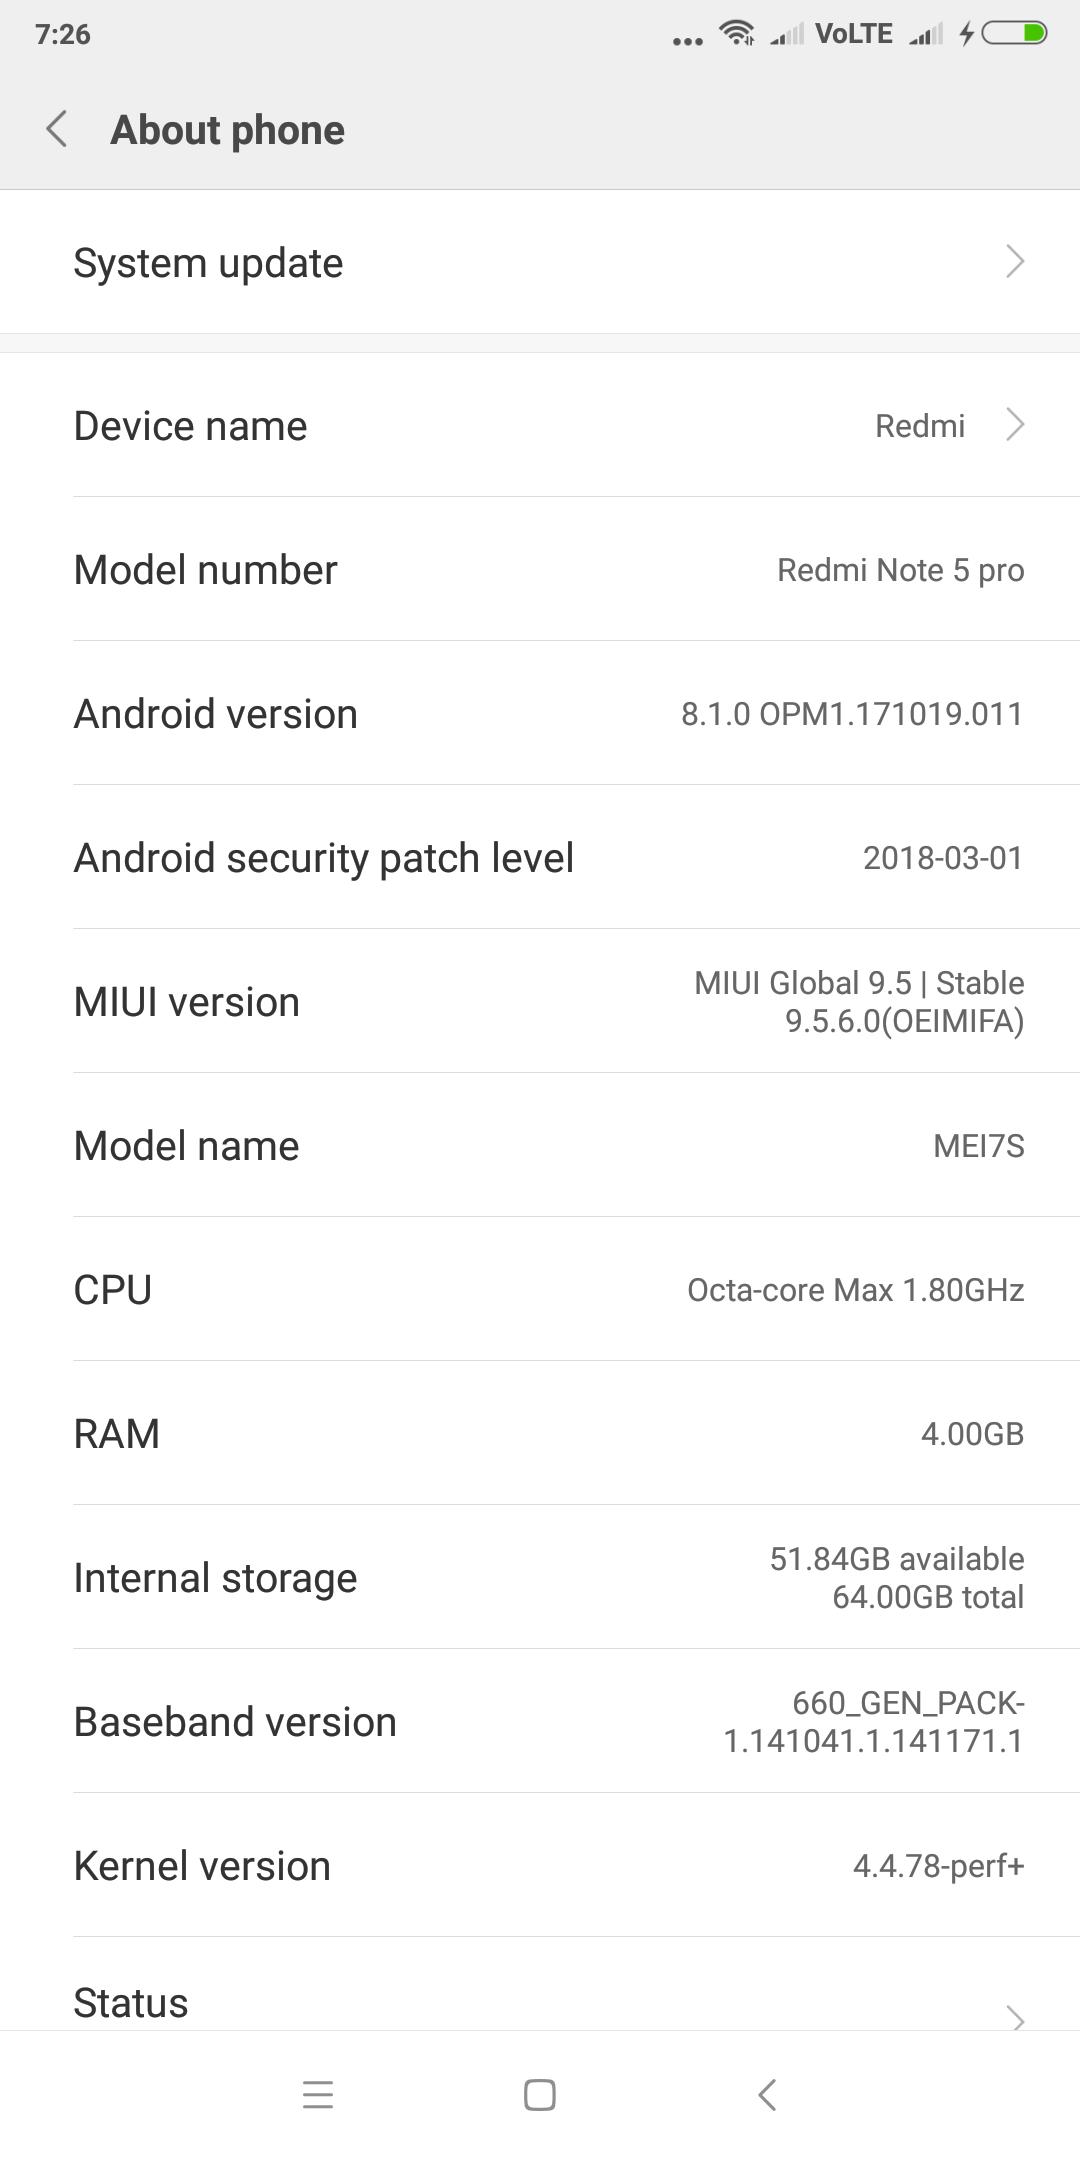 Download RedmI Note 5 Pro 8.1 OREO MIUI V9.5.11.0.OEIMIFA [OFFICIAL ROM]